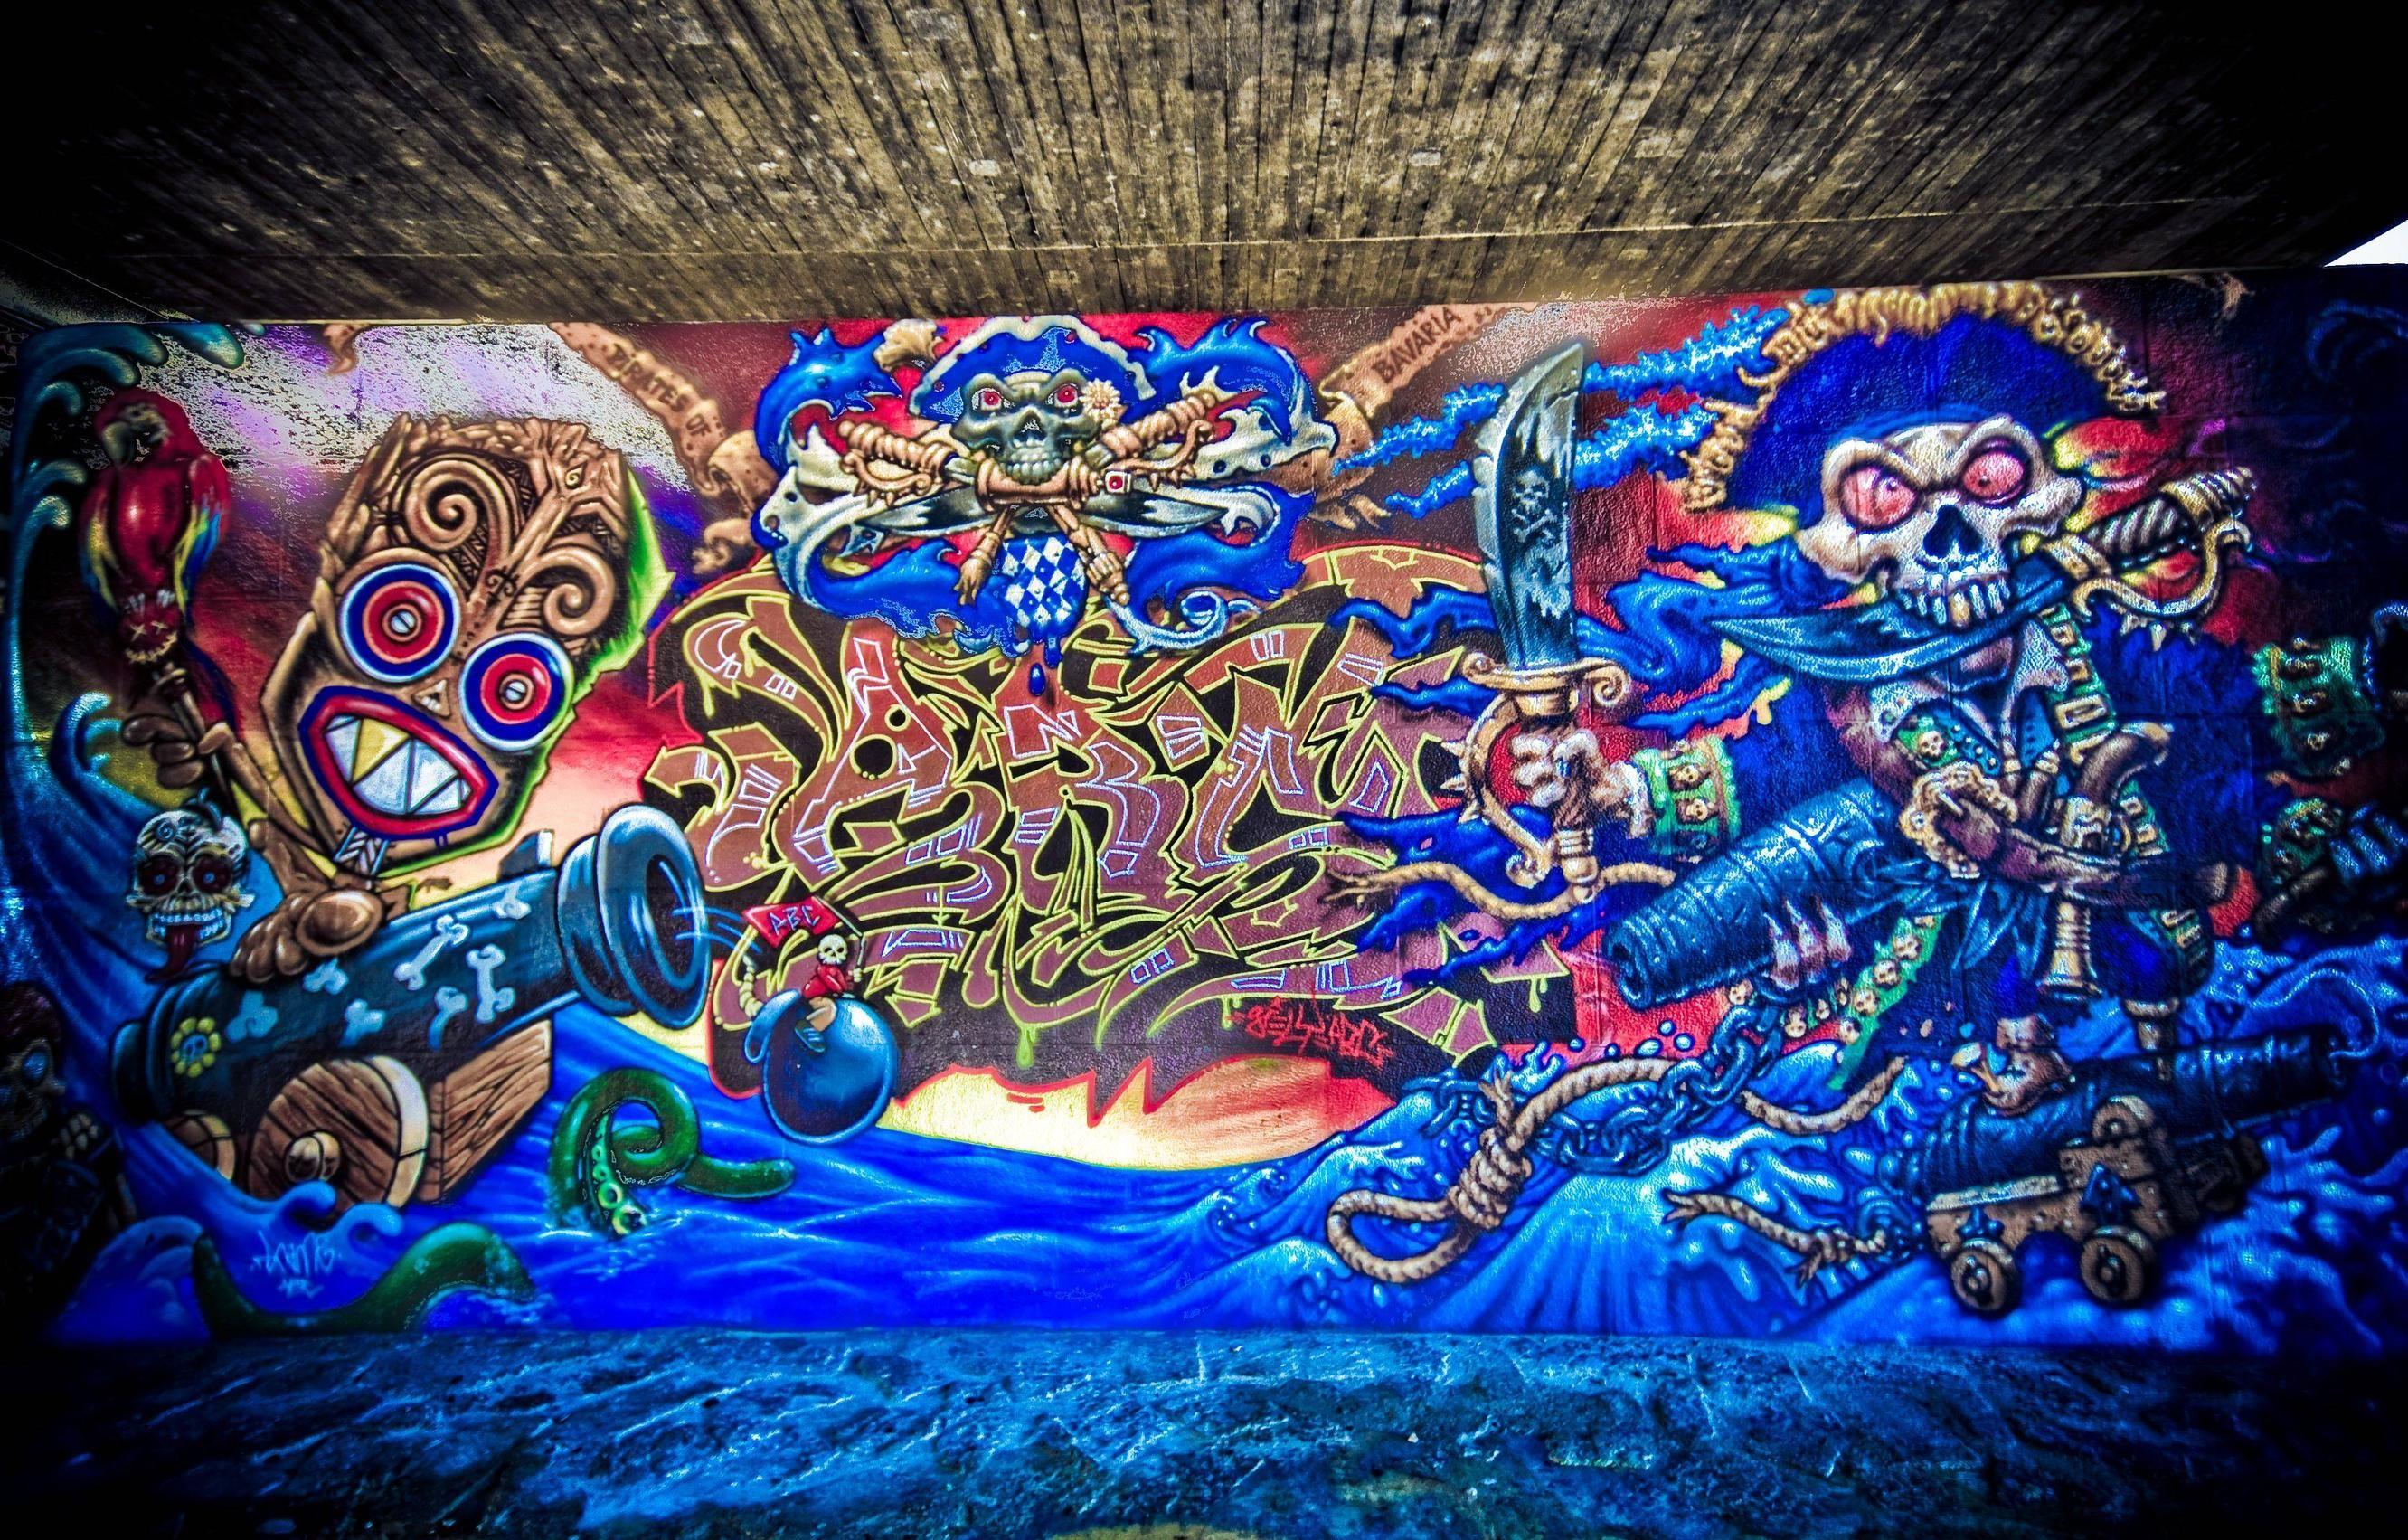 Most Inspiring Wallpaper High Resolution Painting - d148618530d3b54f826e6113d2bc12d1  Snapshot_585819.jpg